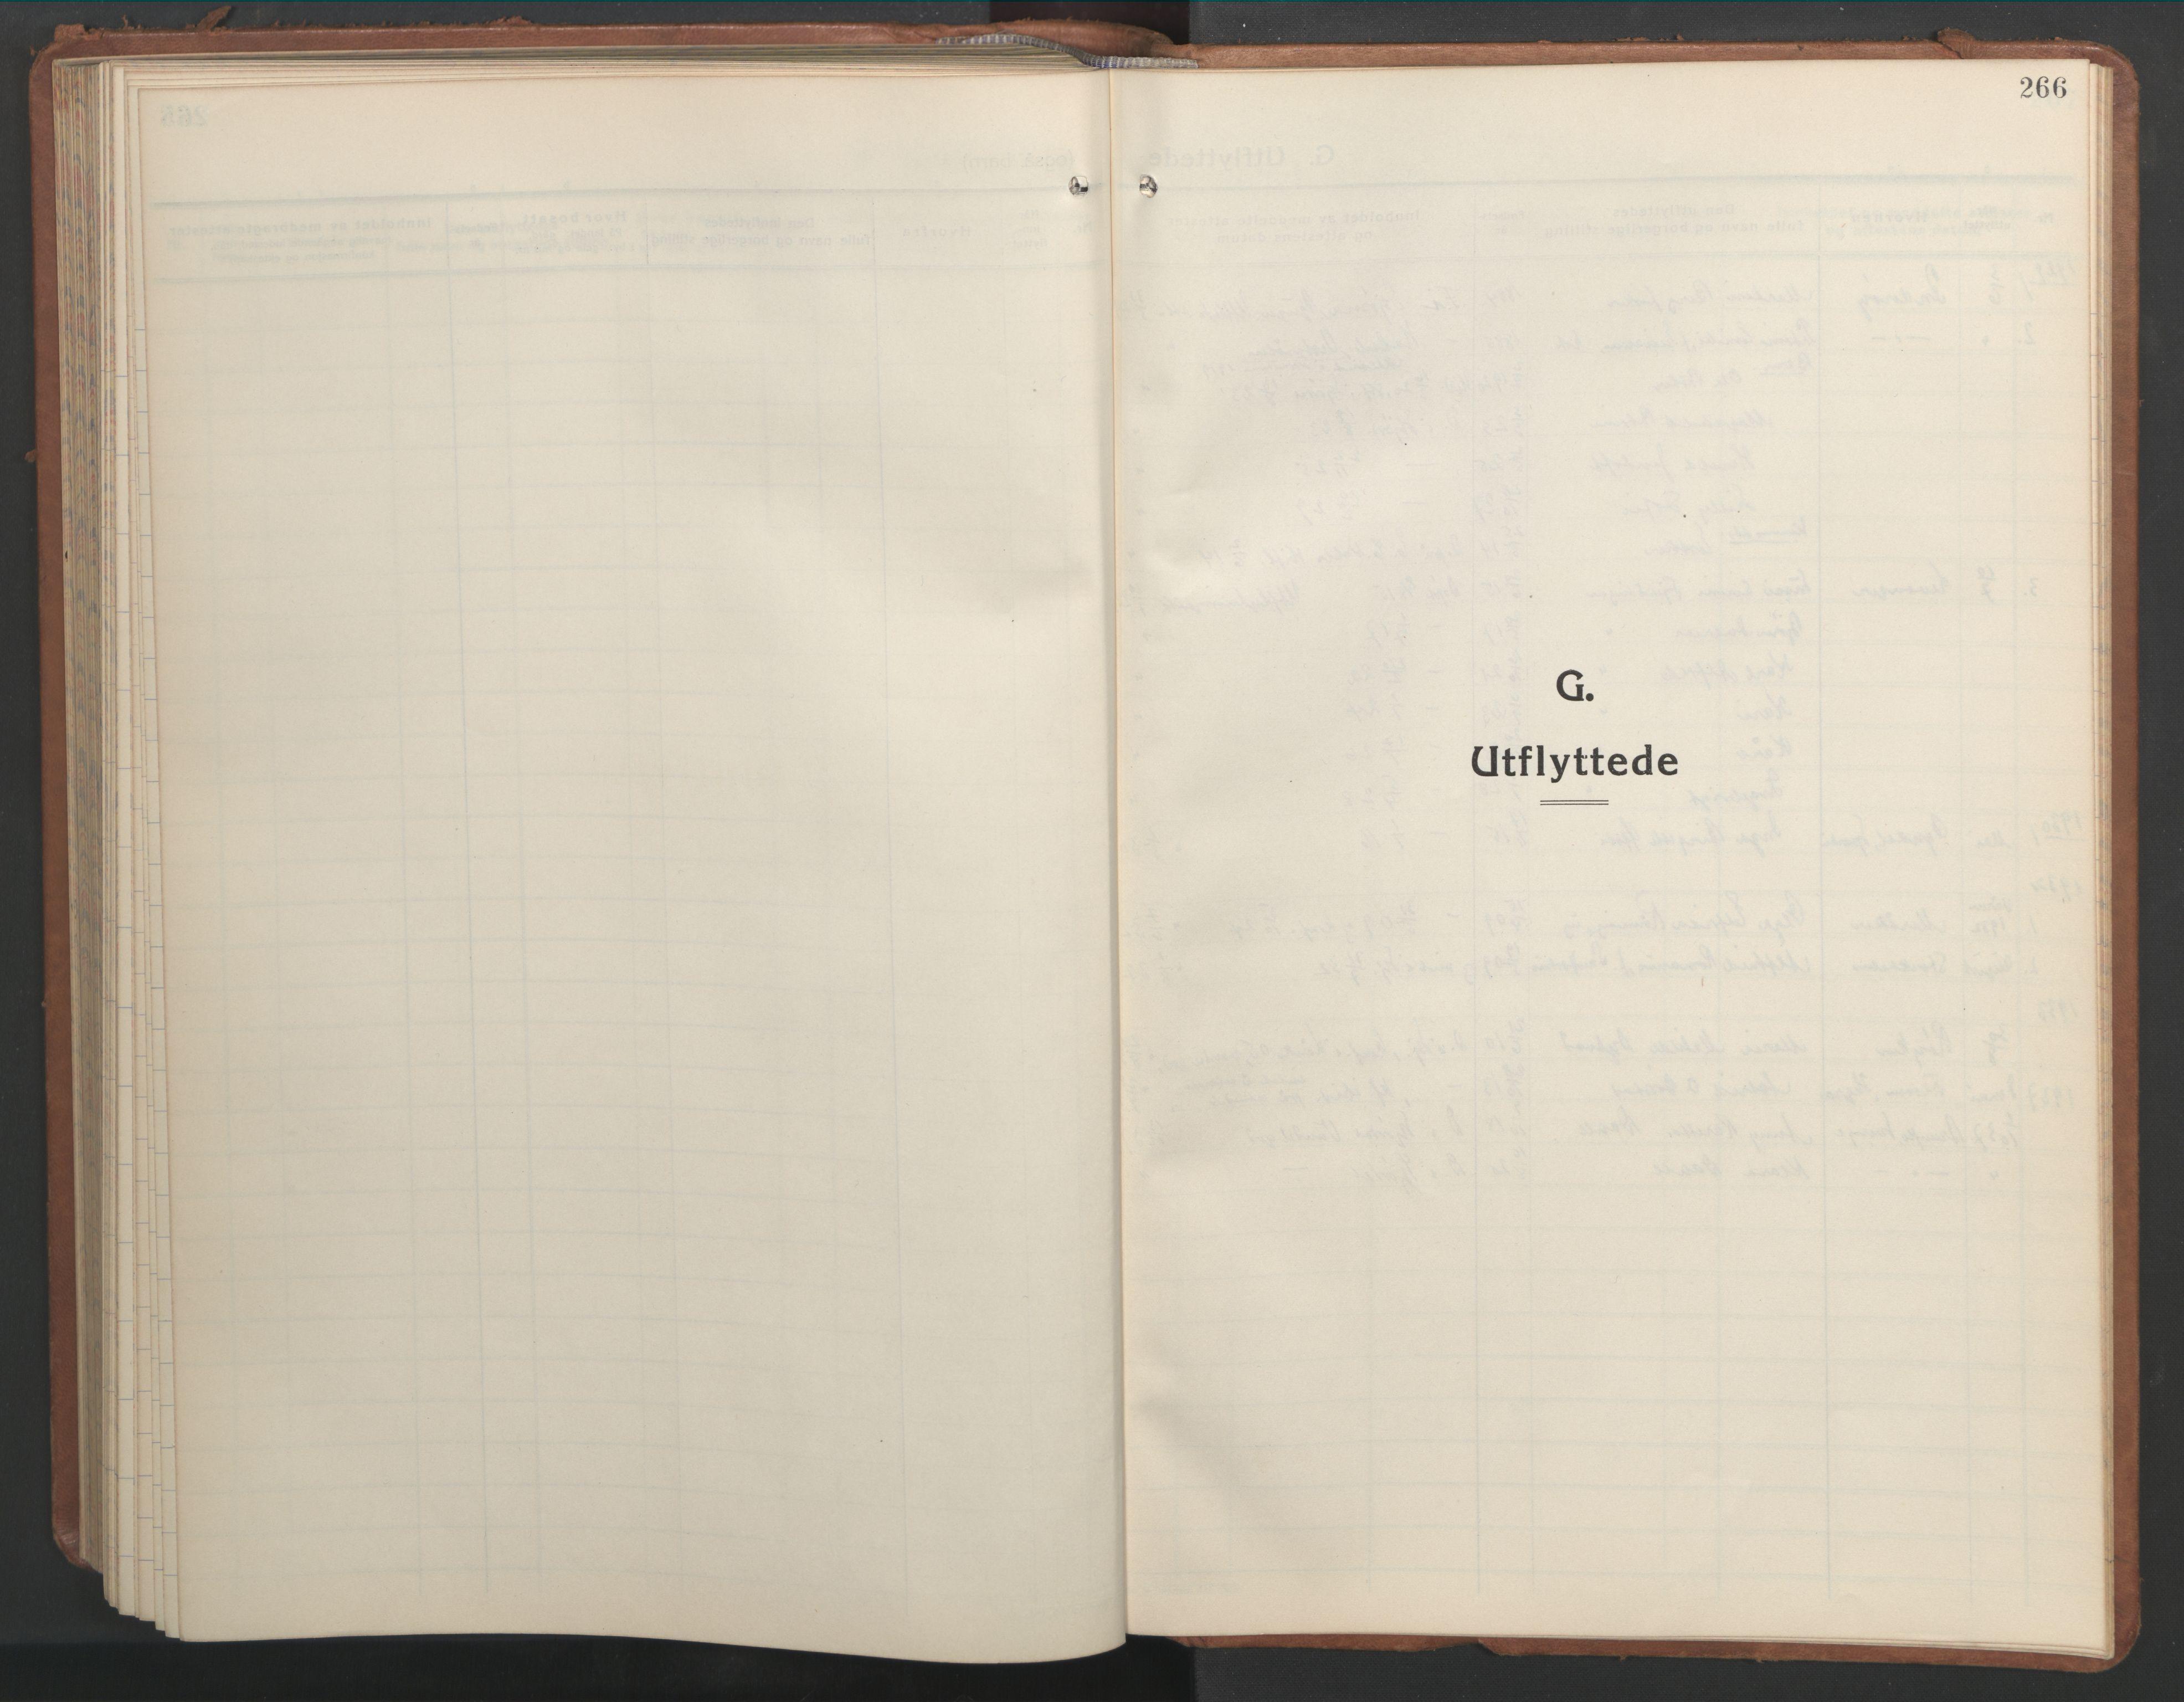 SAT, Ministerialprotokoller, klokkerbøker og fødselsregistre - Nord-Trøndelag, 709/L0089: Klokkerbok nr. 709C03, 1935-1948, s. 266